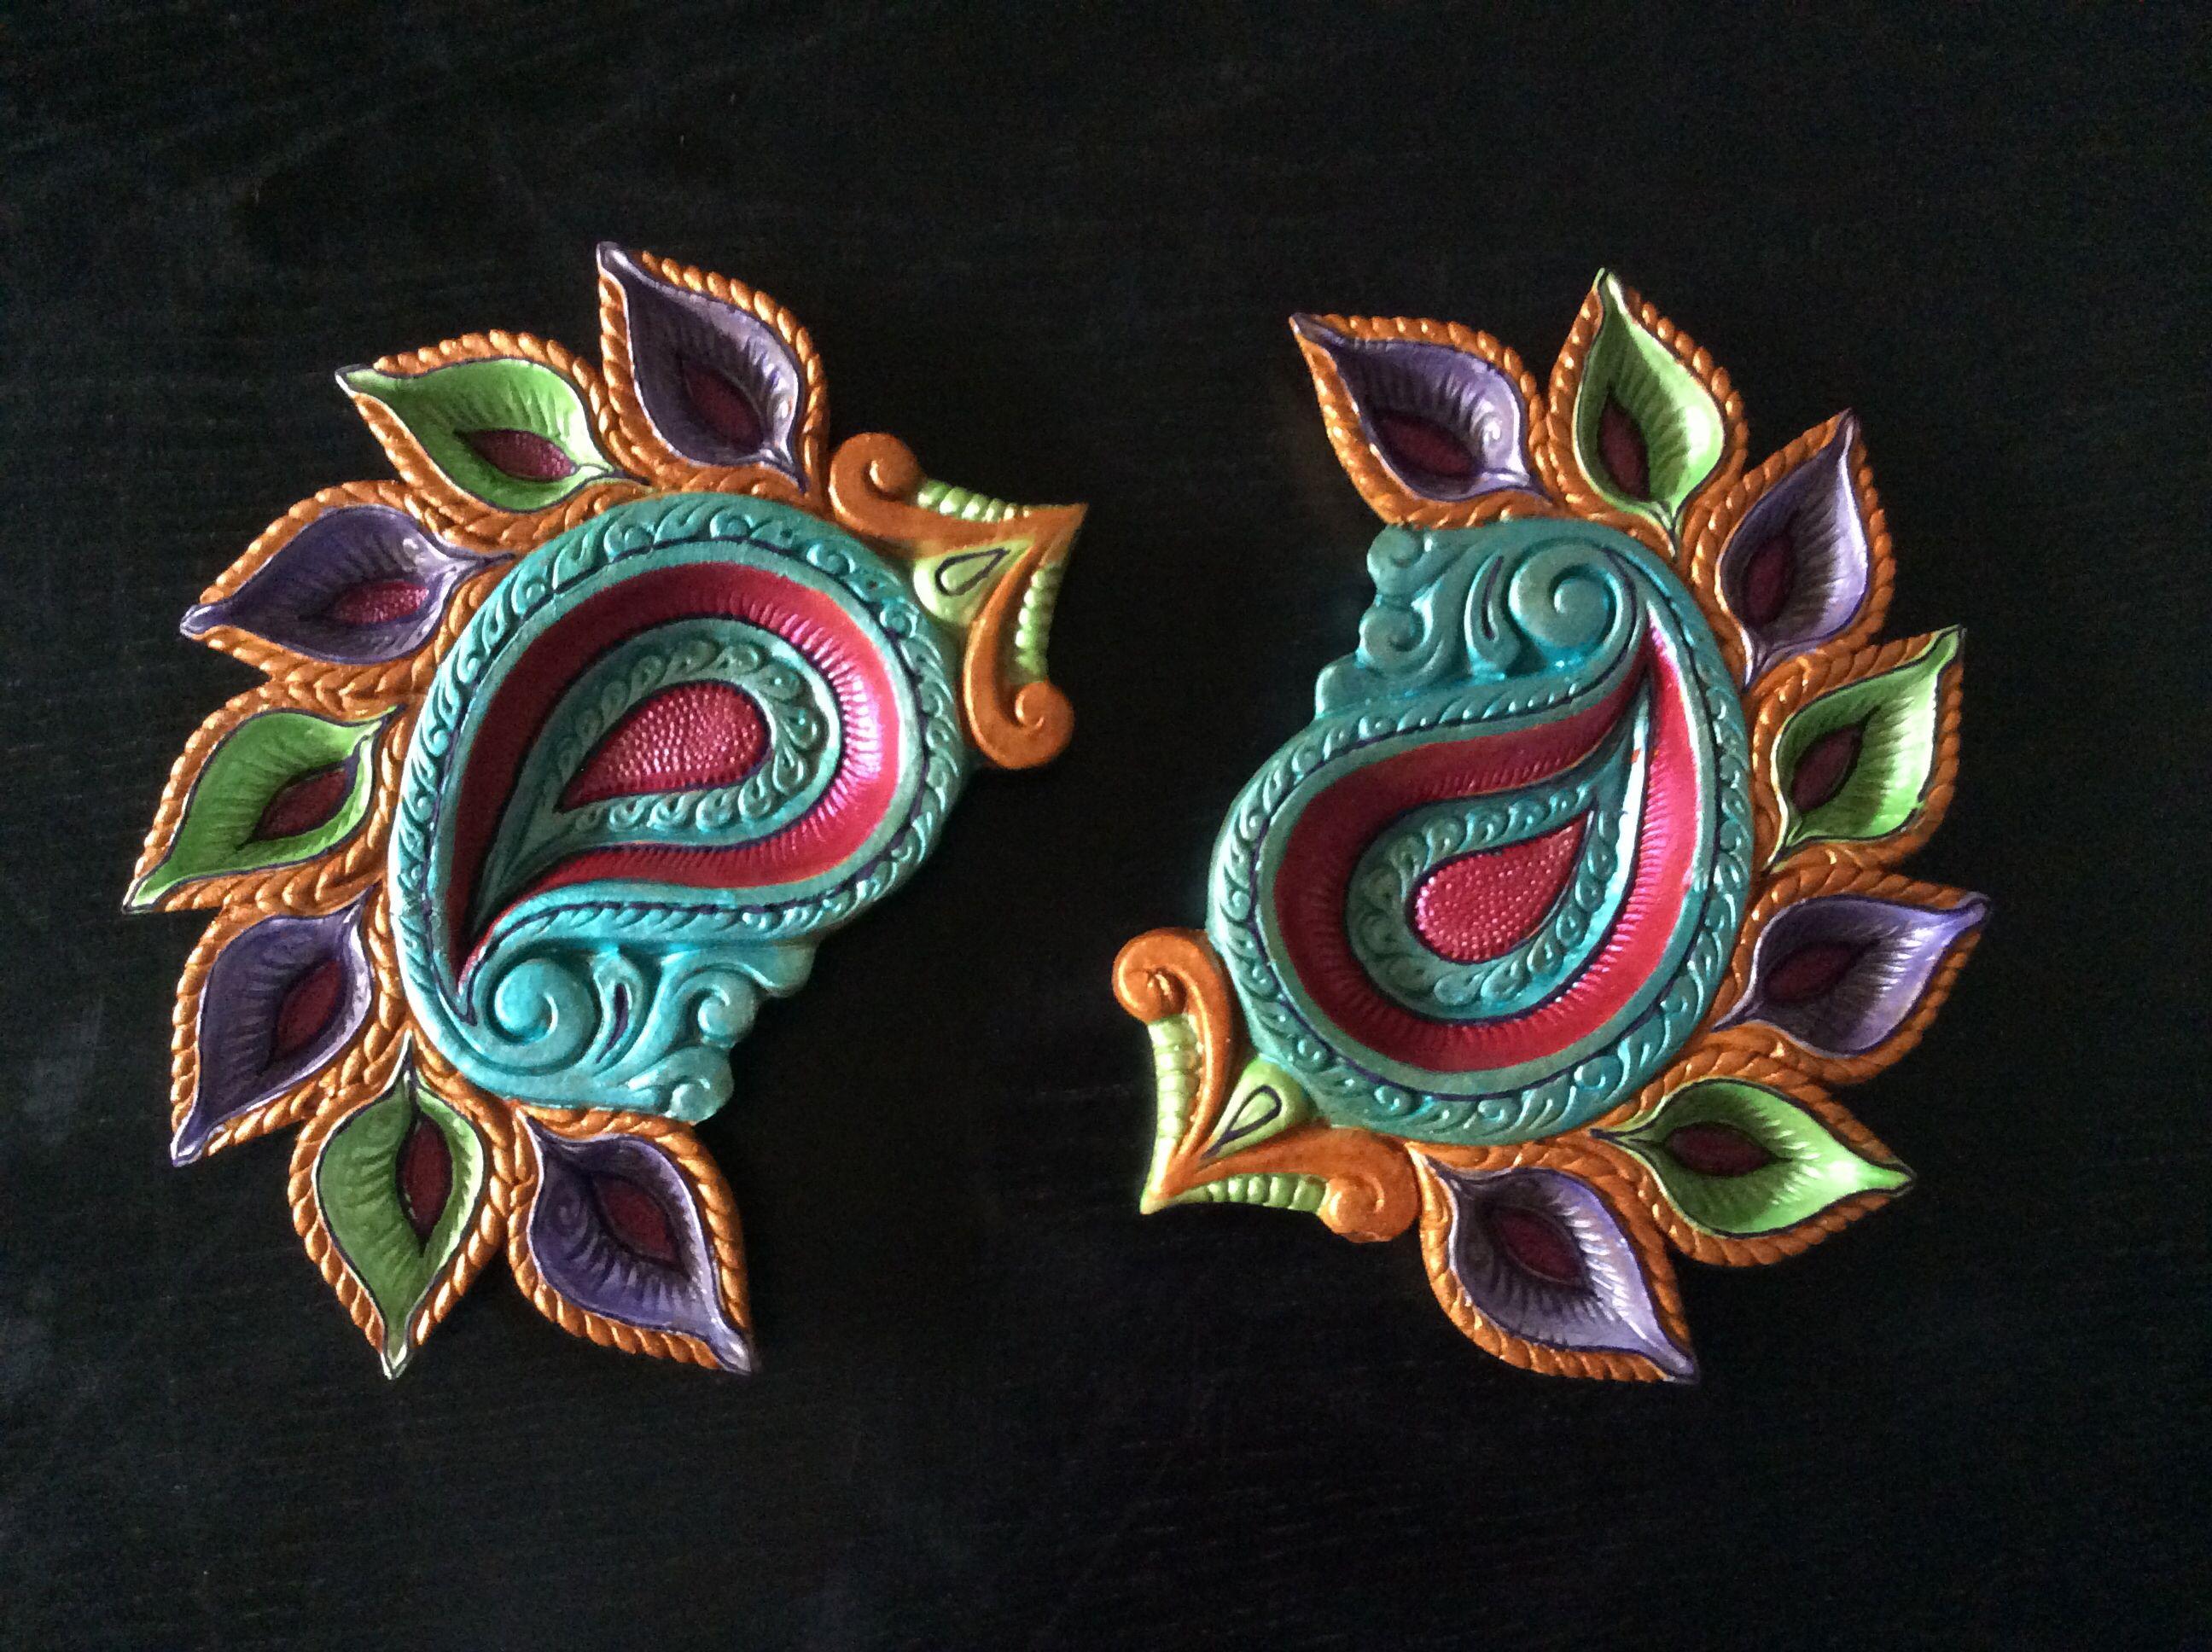 101 best lamps images on pinterest diwali decorations diwali